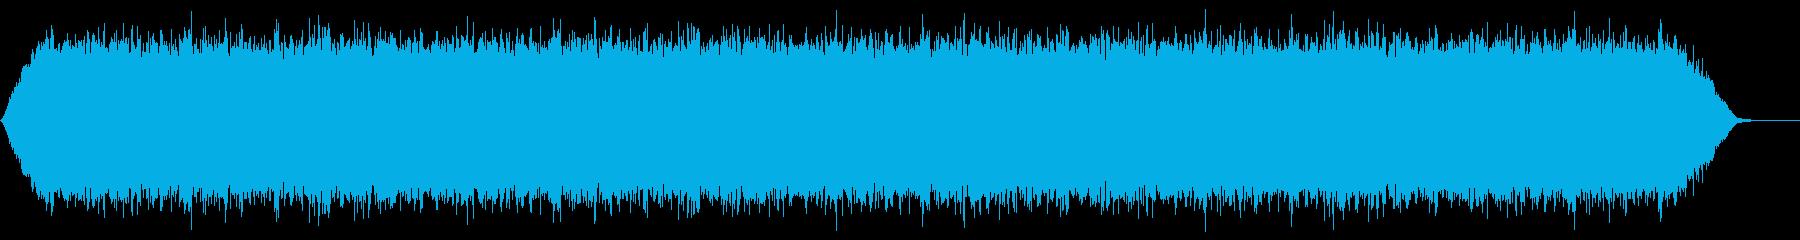 【アンビエント】ドローン_47 実験音の再生済みの波形